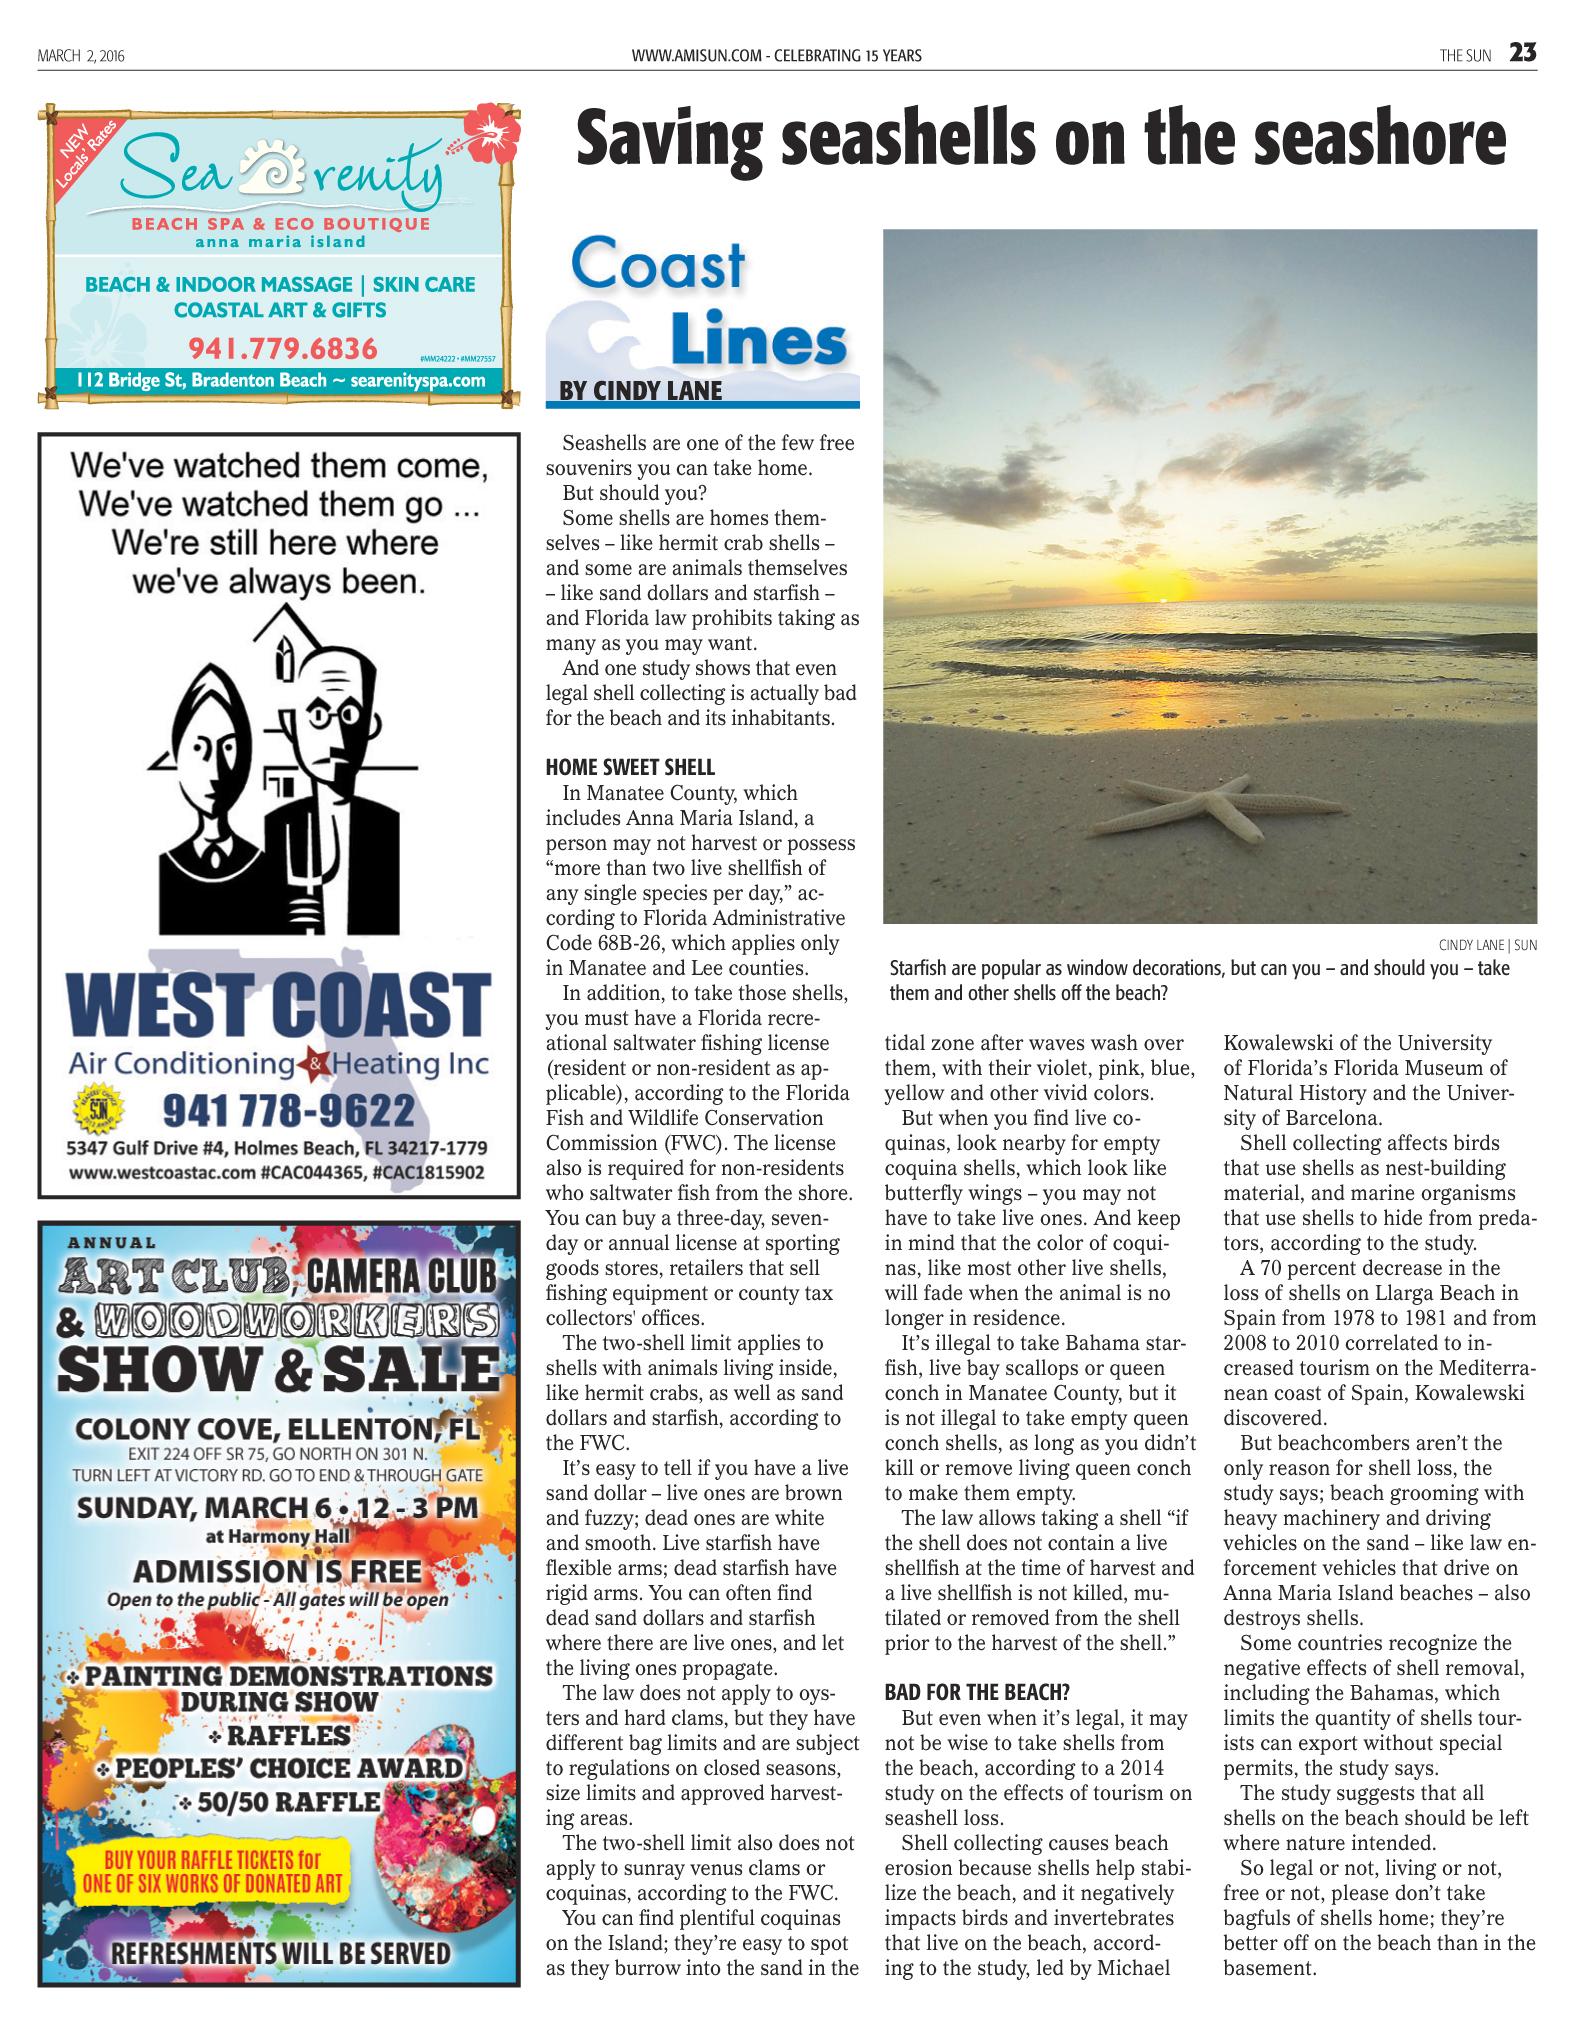 Coast Lines Saving seashells on the seashore 030216